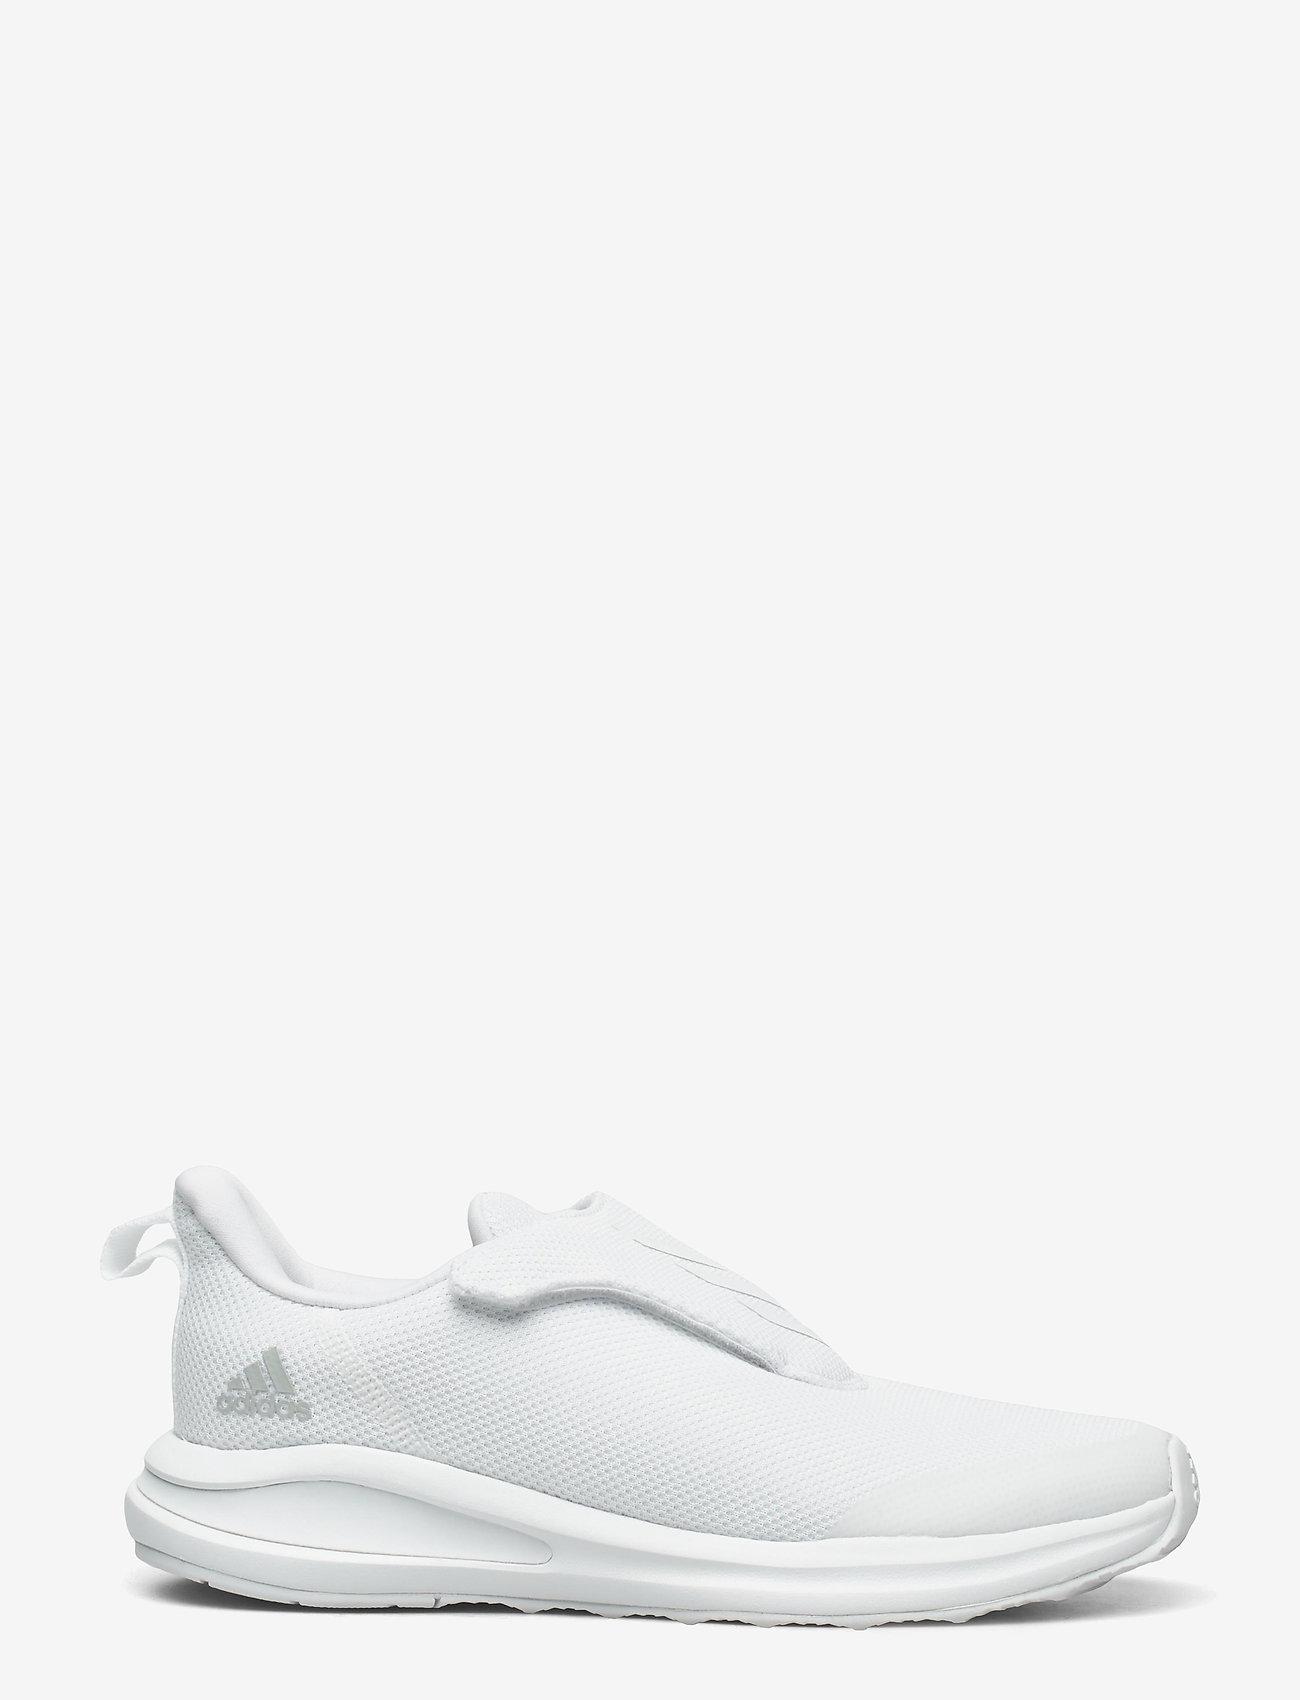 adidas Performance - FortaRun AC K - schuhe - ftwwht/ftwwht/gretwo - 1